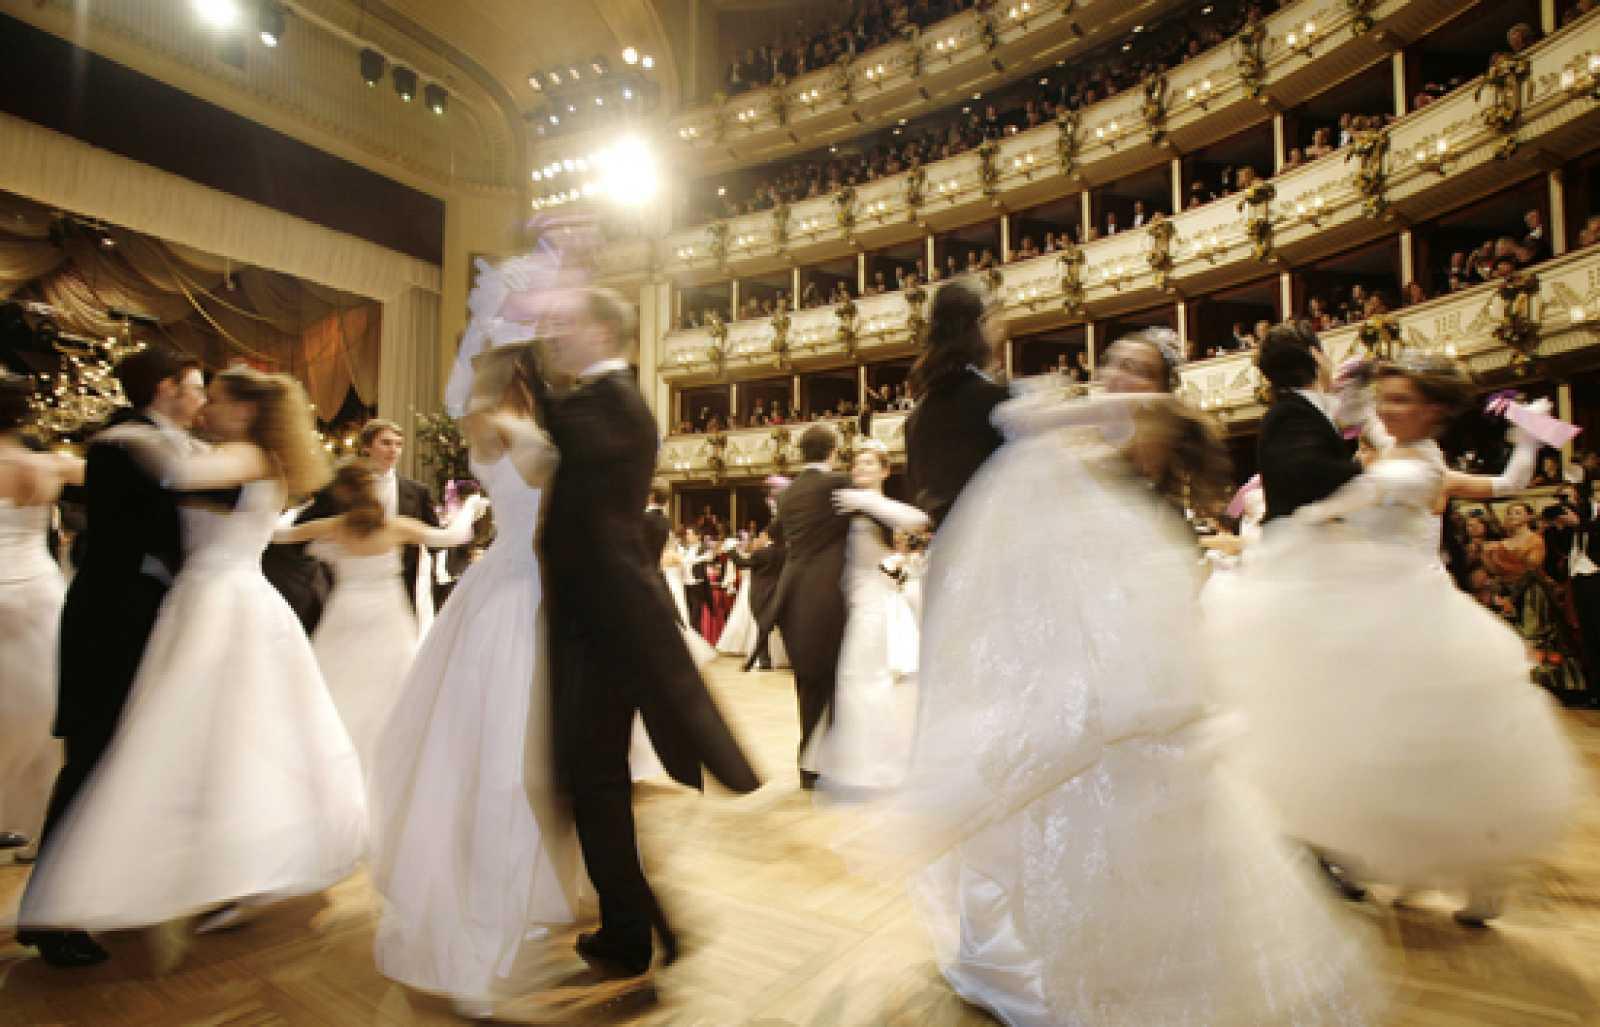 La Crisis No Llega Al Baile De La ópera De Viena Rtve Es